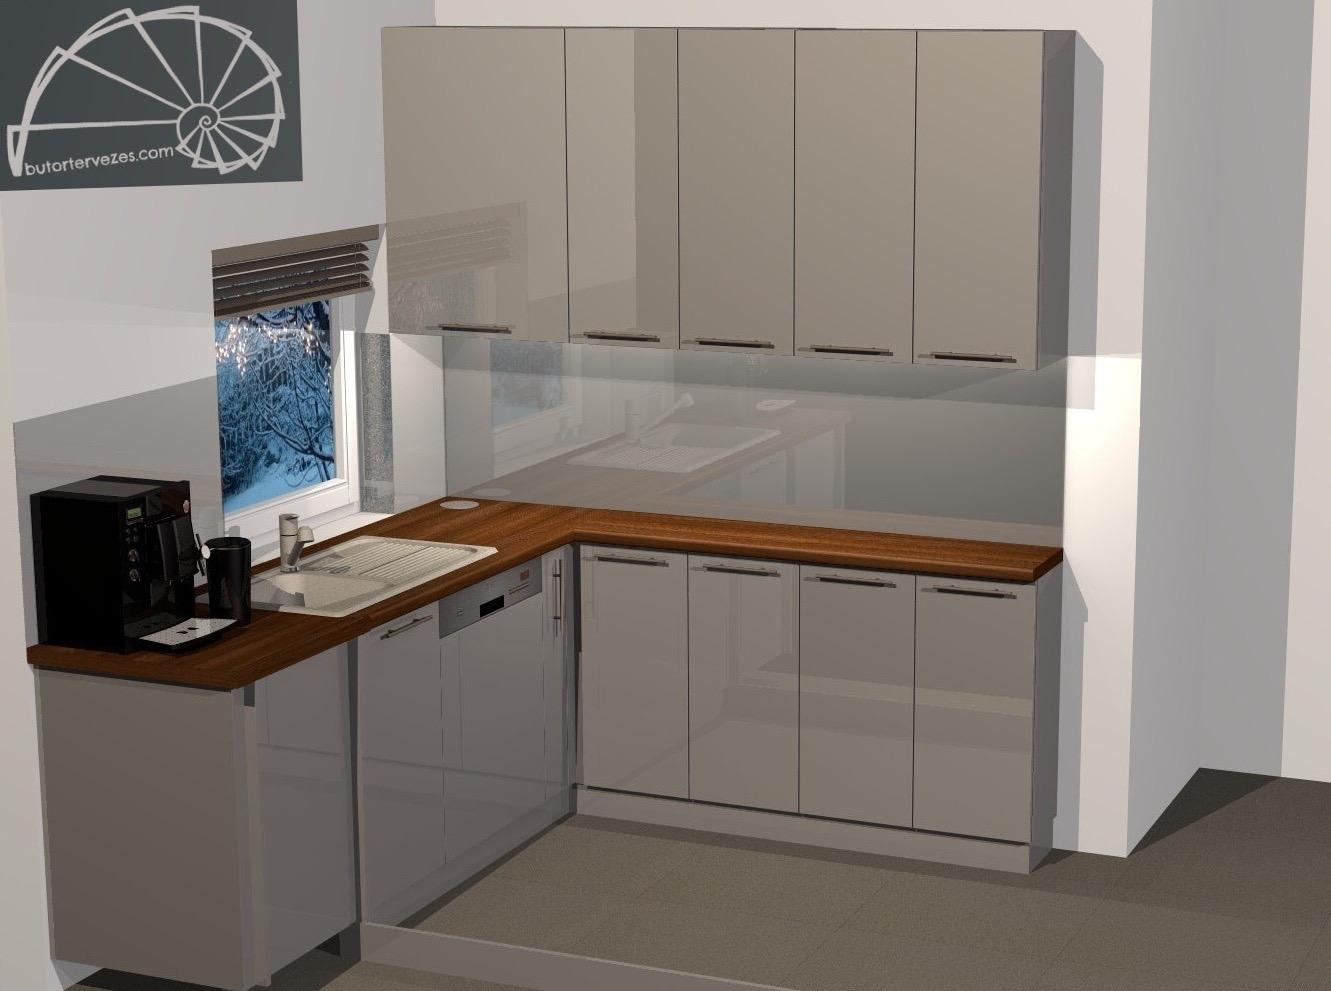 Látványterv egyedi magasfényű négyoldalas konyhabútor c-d oldal kép